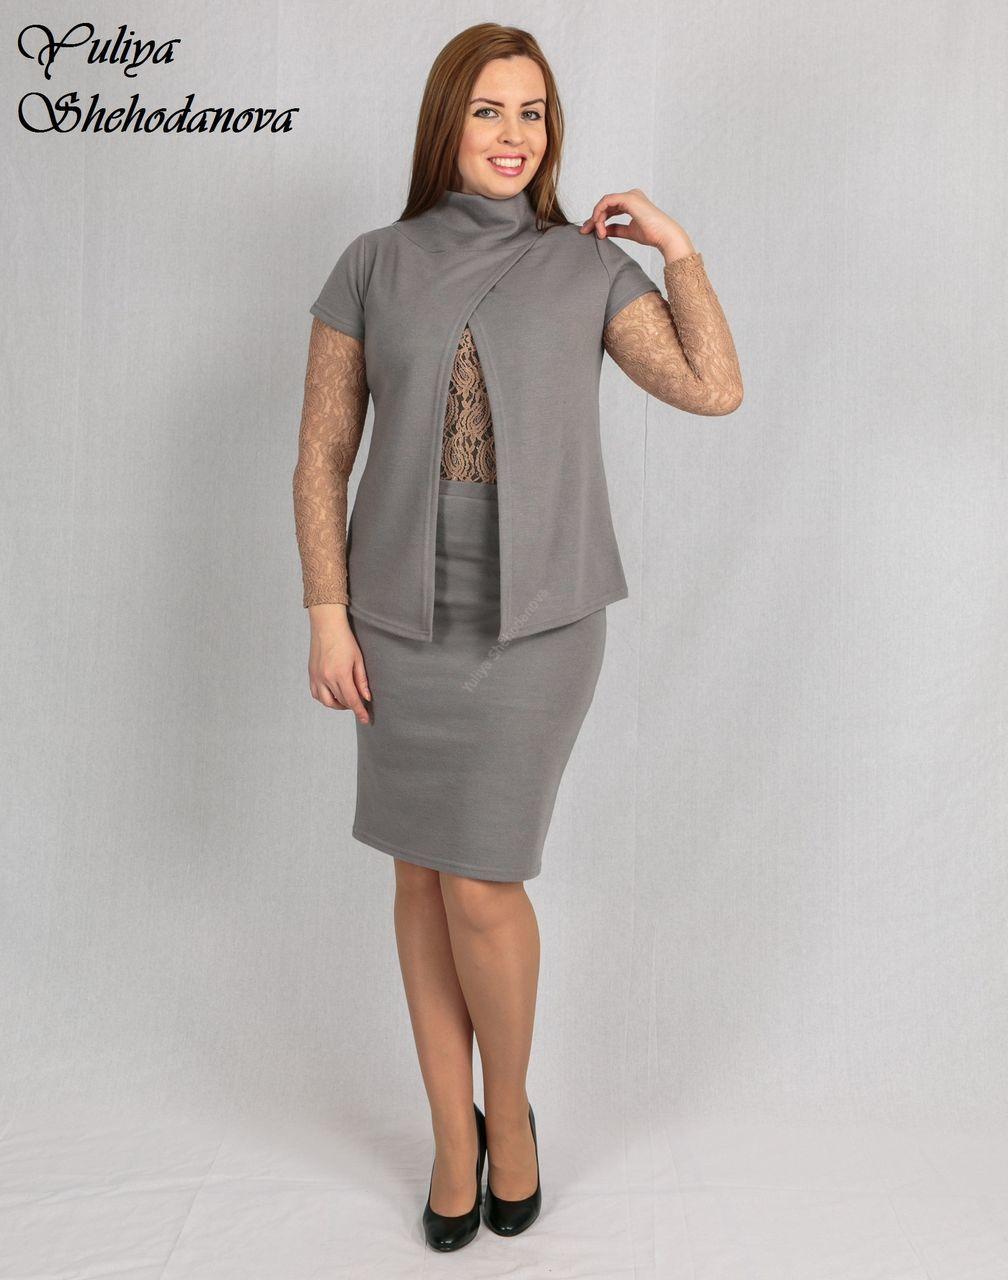 Сбор заказов. Модная женская одежда Больших Размеров. Яркие офисные платья, костюмы, туники, блузки, юбки, кардиганы, джемпера, лосины. Здесь себя комфортно почувствует почти любая женщина от 44 до 66 размера. Есть распродажа.